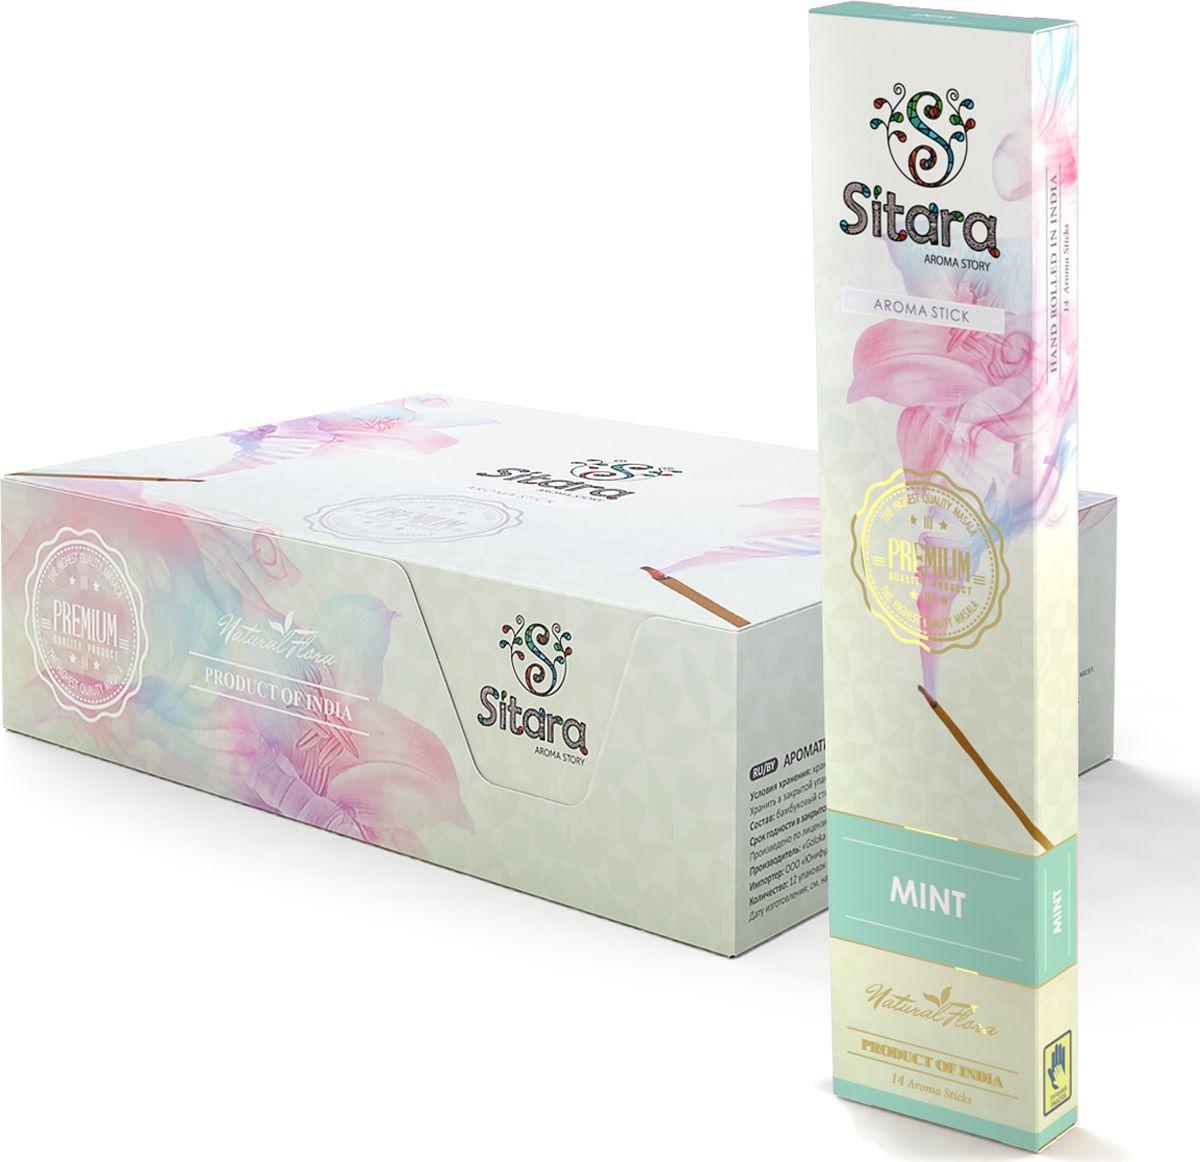 Ароматические палочки Sitara Premium Mint, 14 палочек10324Нежный и освежающий аромат мяты ароматических палочек Sitara Premium Mint успокаивает и дает новые силы. Способствует повышению концентрации, предотвращает перепады настроения. Способ применения: Поджечь сторону, противоположную бамбуковому основанию. Через несколько секунд после возгорания задуть пламя. Поставить ароматическую палочку в подставку, соблюдая необходимые меры пожарной безопасности. Состав: Бамбуковый стержень (Bamboo rod), натуральный мед (Honey), смола и пудра сандалового дерева (Resin and sandalwood powder), натуральная эссенция эфирных масел (Essential oils)С осторожностью:Людям страдающими заболеваниями дыхательных путей, аллергическими реакциями, при беременности.